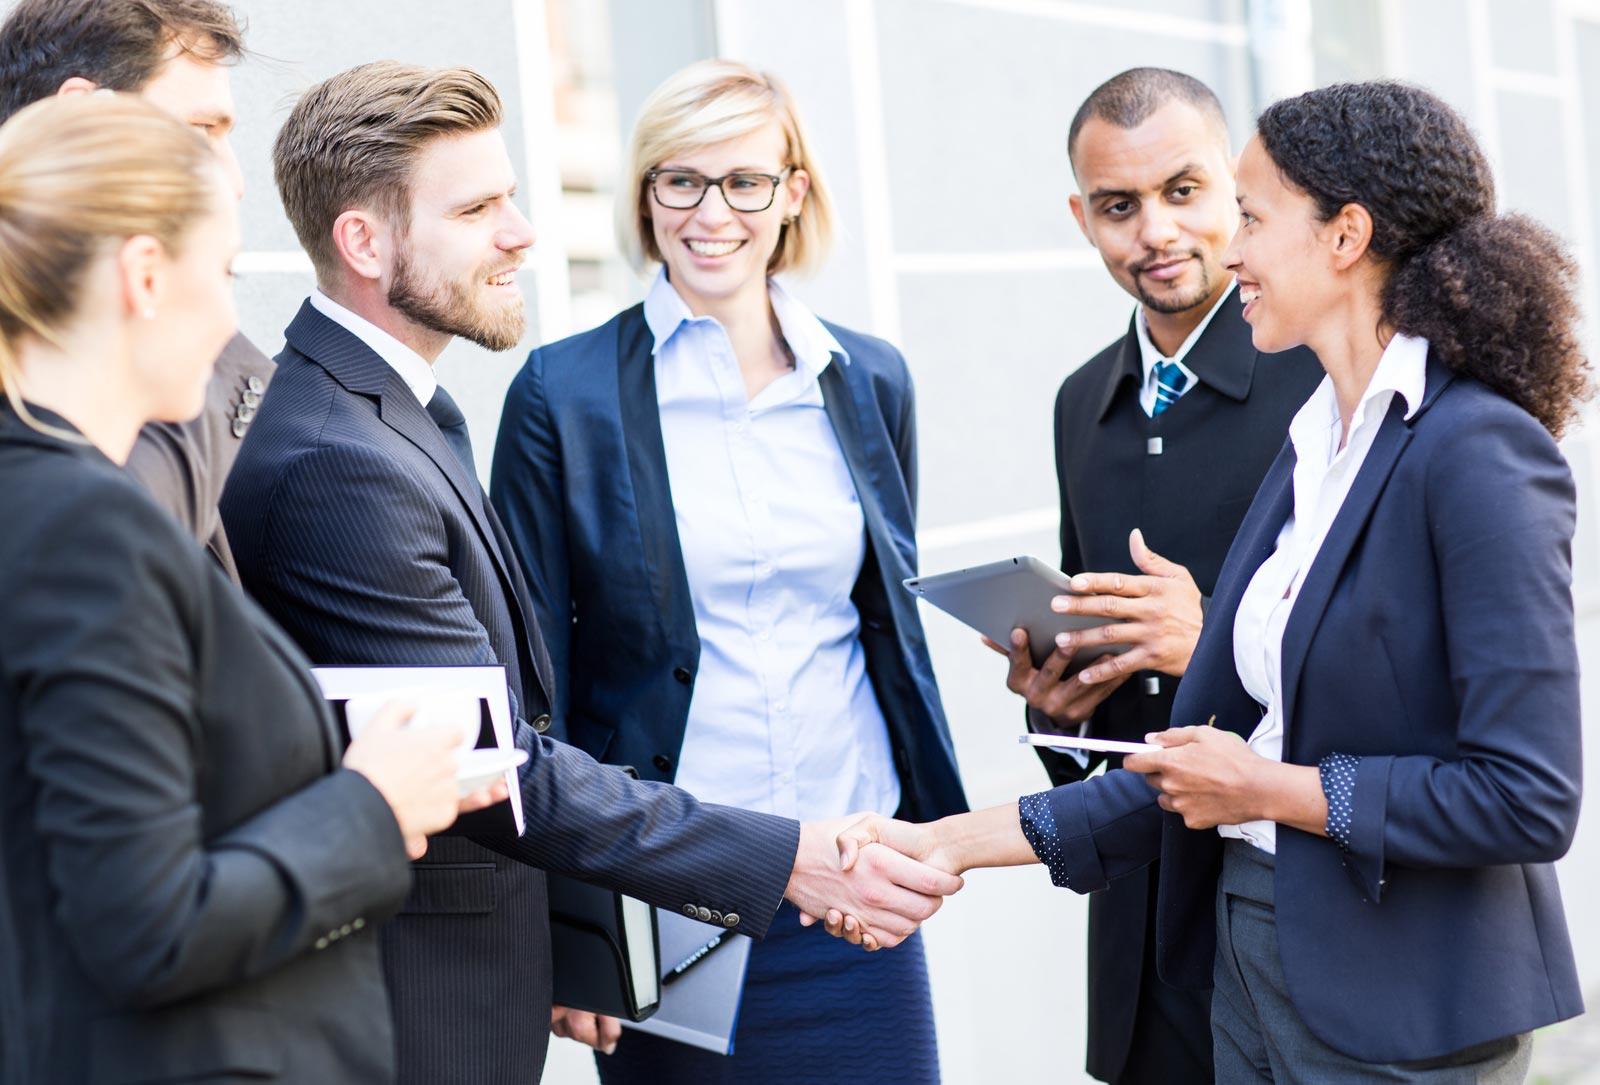 Zusatzverkäufe und Cross-Selling: So freuen sich Ihre Kunden darüber